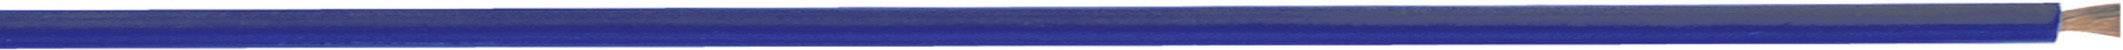 Merací vodič LappKabel 4560014S LiFY, 1 x 0.75 mm², vonkajší Ø 2.50 mm, metrový tovar, modrá